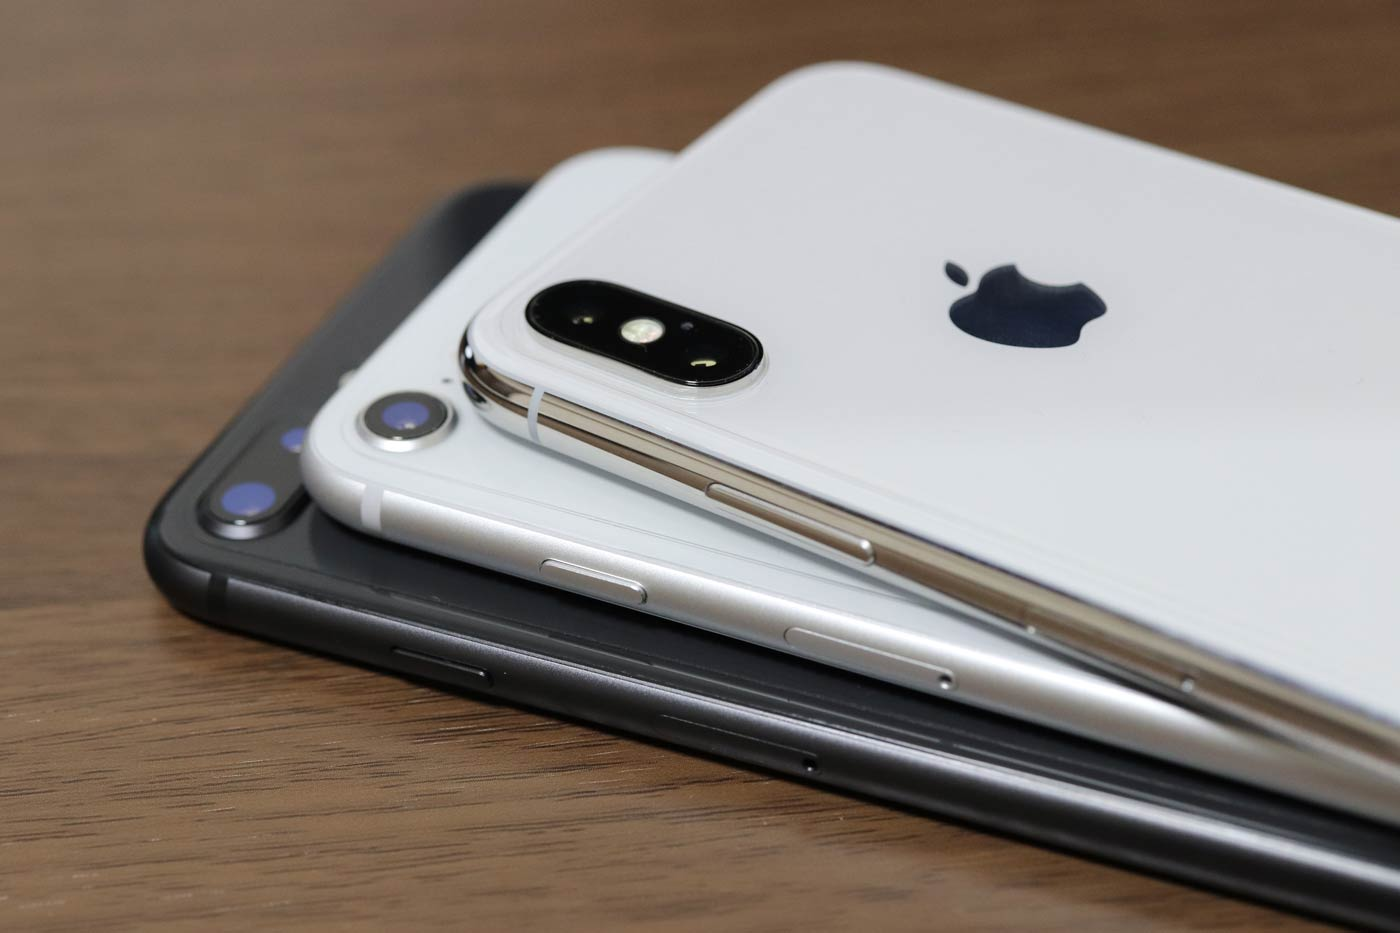 iPhone XとiPhone 8/8 Plusの筐体デザインの違い